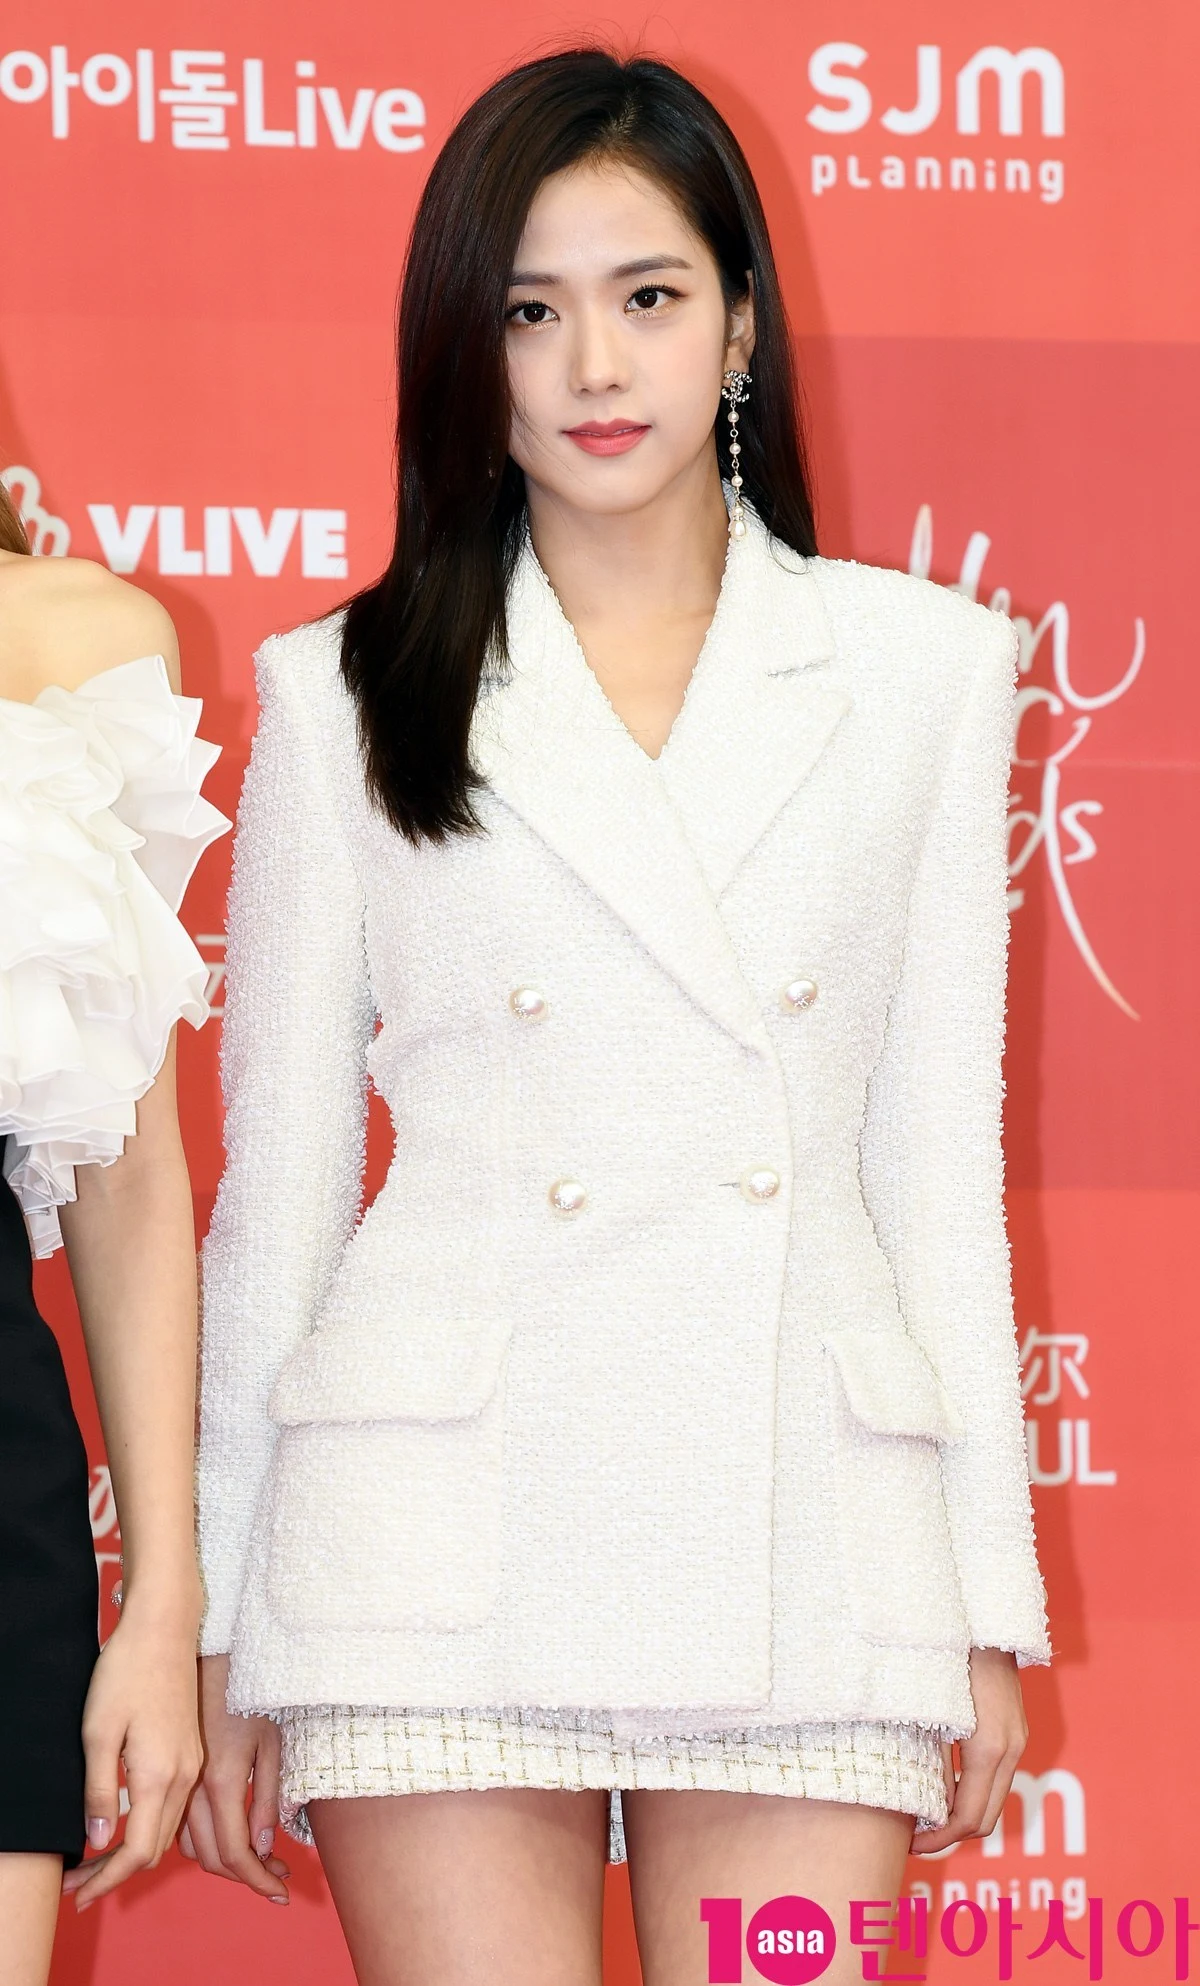 Nhiều người chê Jisoo xinh mà nhạt nhưng nếu cô thật sự để kiểu tóc này thì dân tình sẽ phải câm nín vì quá chất - Ảnh 5.